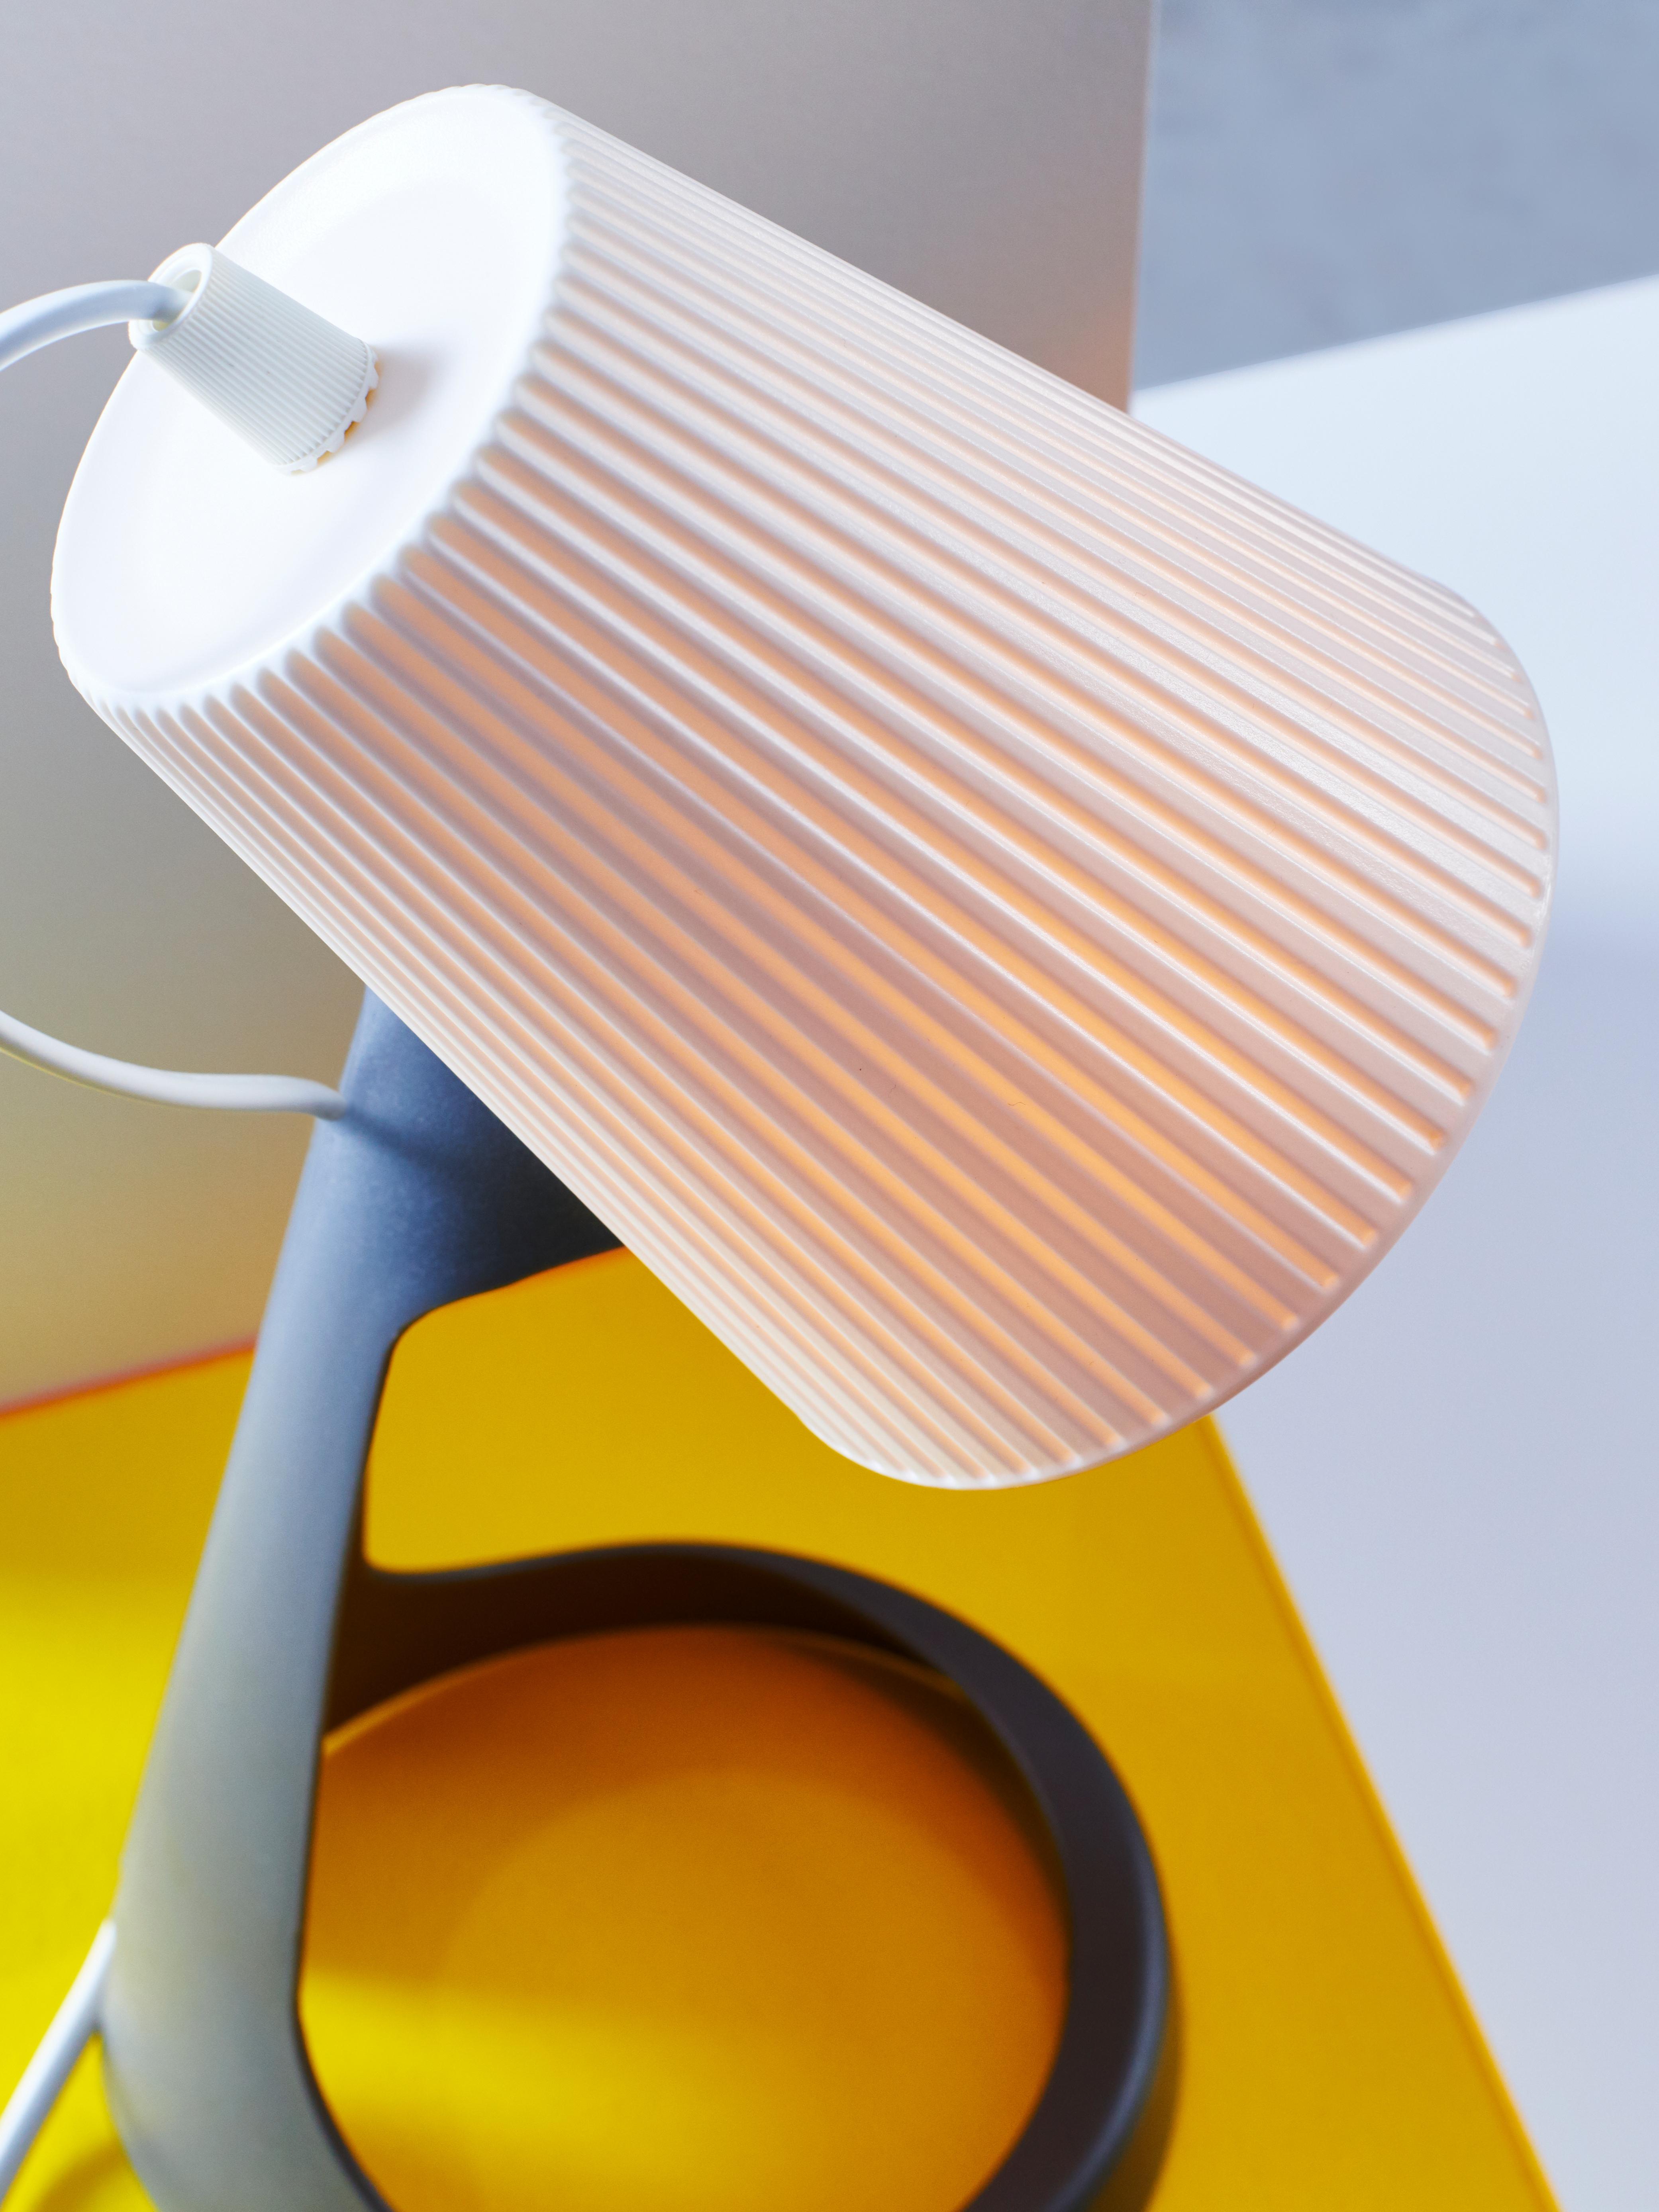 SVALLET radna lampa tamnosive i bijele boje na žutom postolju.